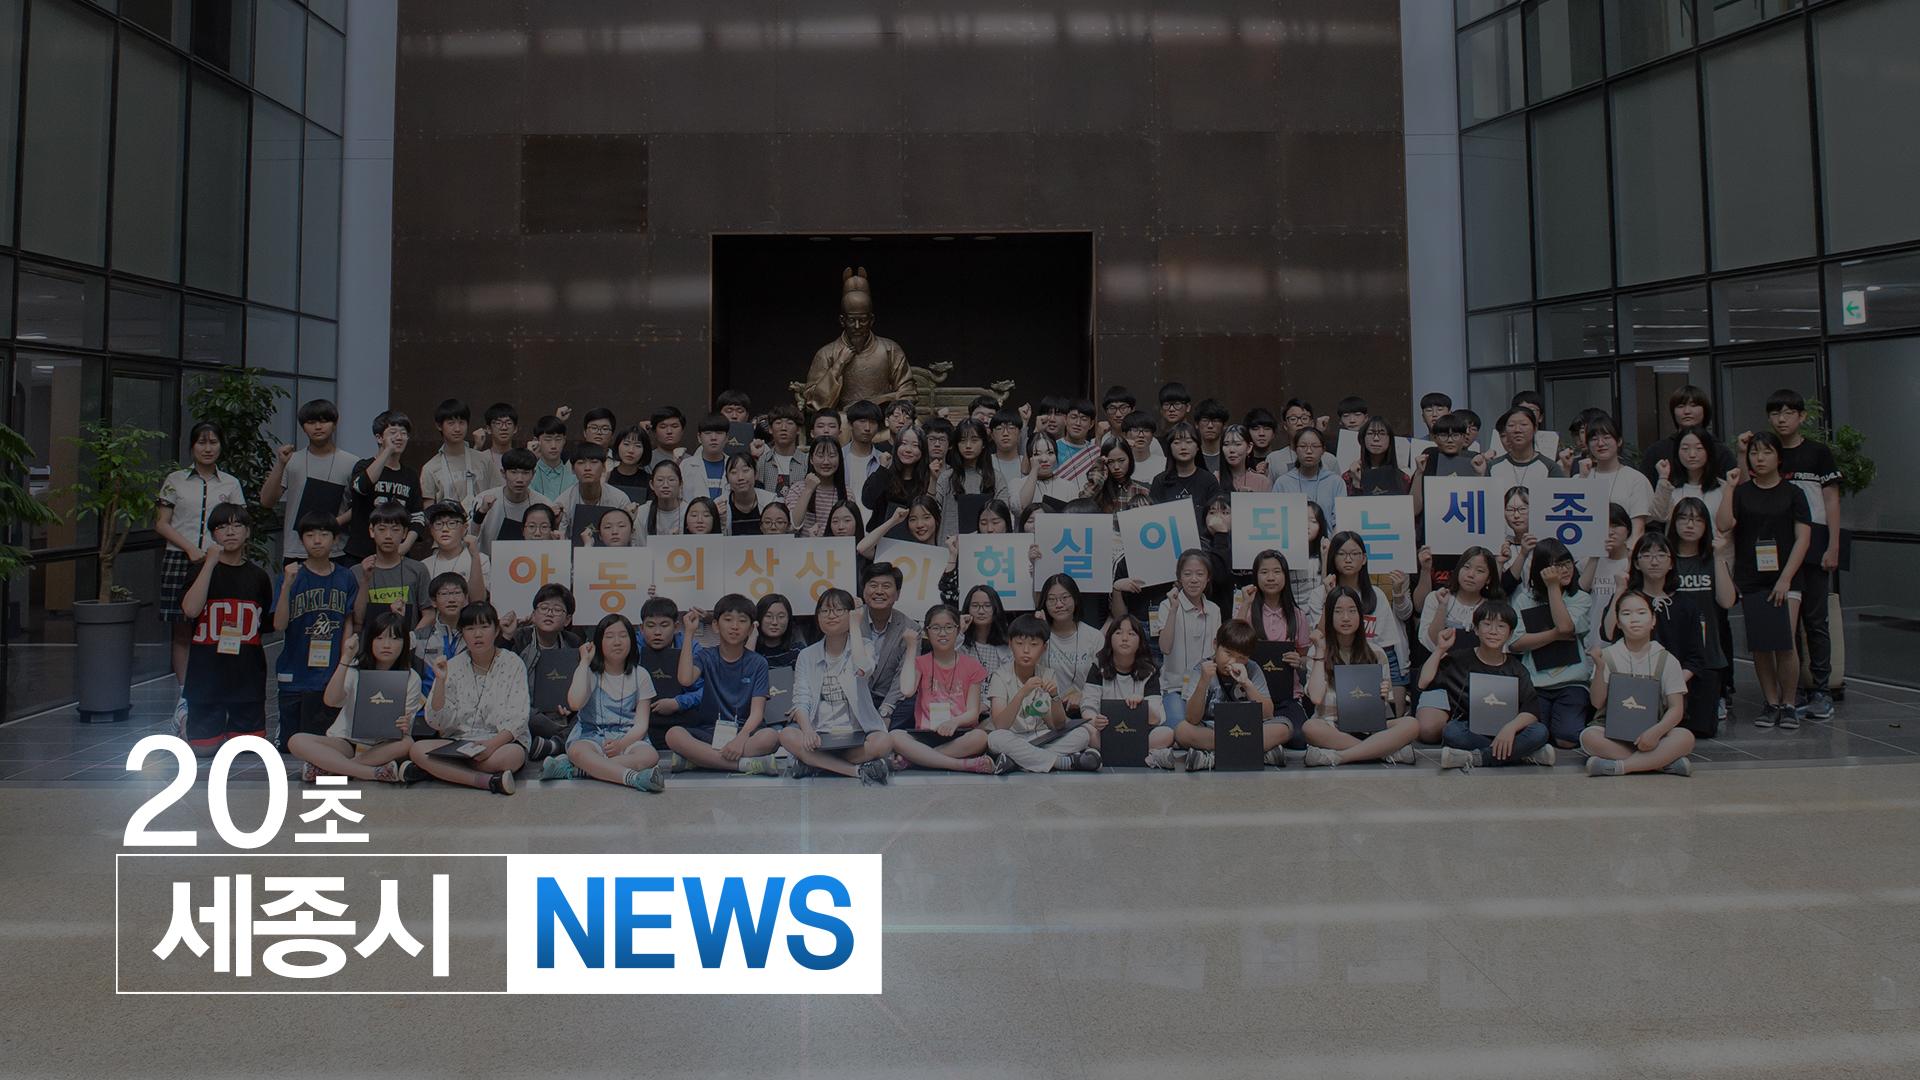 <20초뉴스> 세종시 아동들, 시정 참여 활발